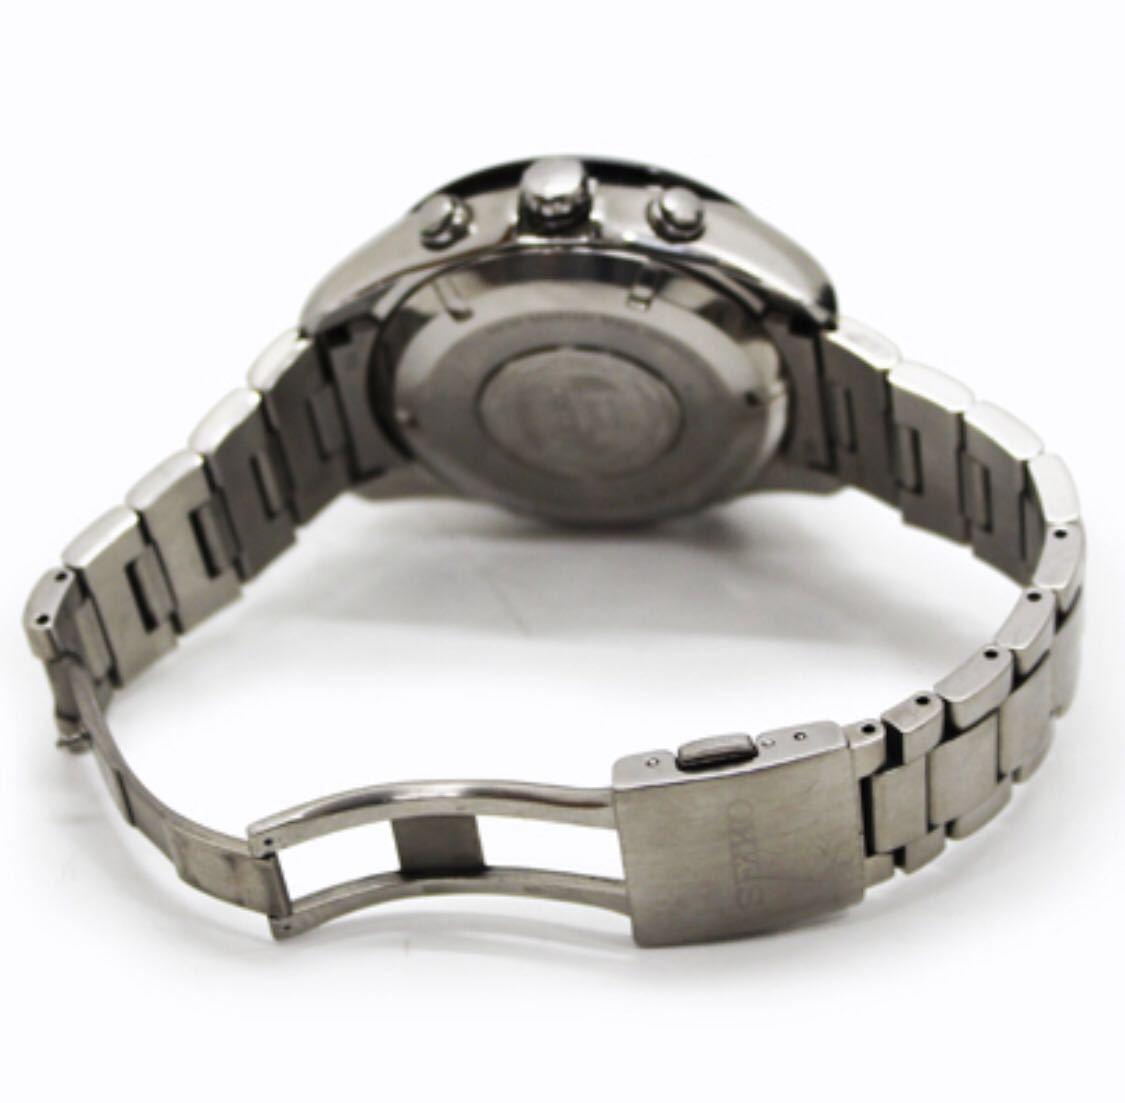 極上稼動美品!セイコー アストロン GPS ソーラー 7X52-0AA0 チタン メンズ 腕時計 取説 アストロンDVD 早い者勝ち!_画像7